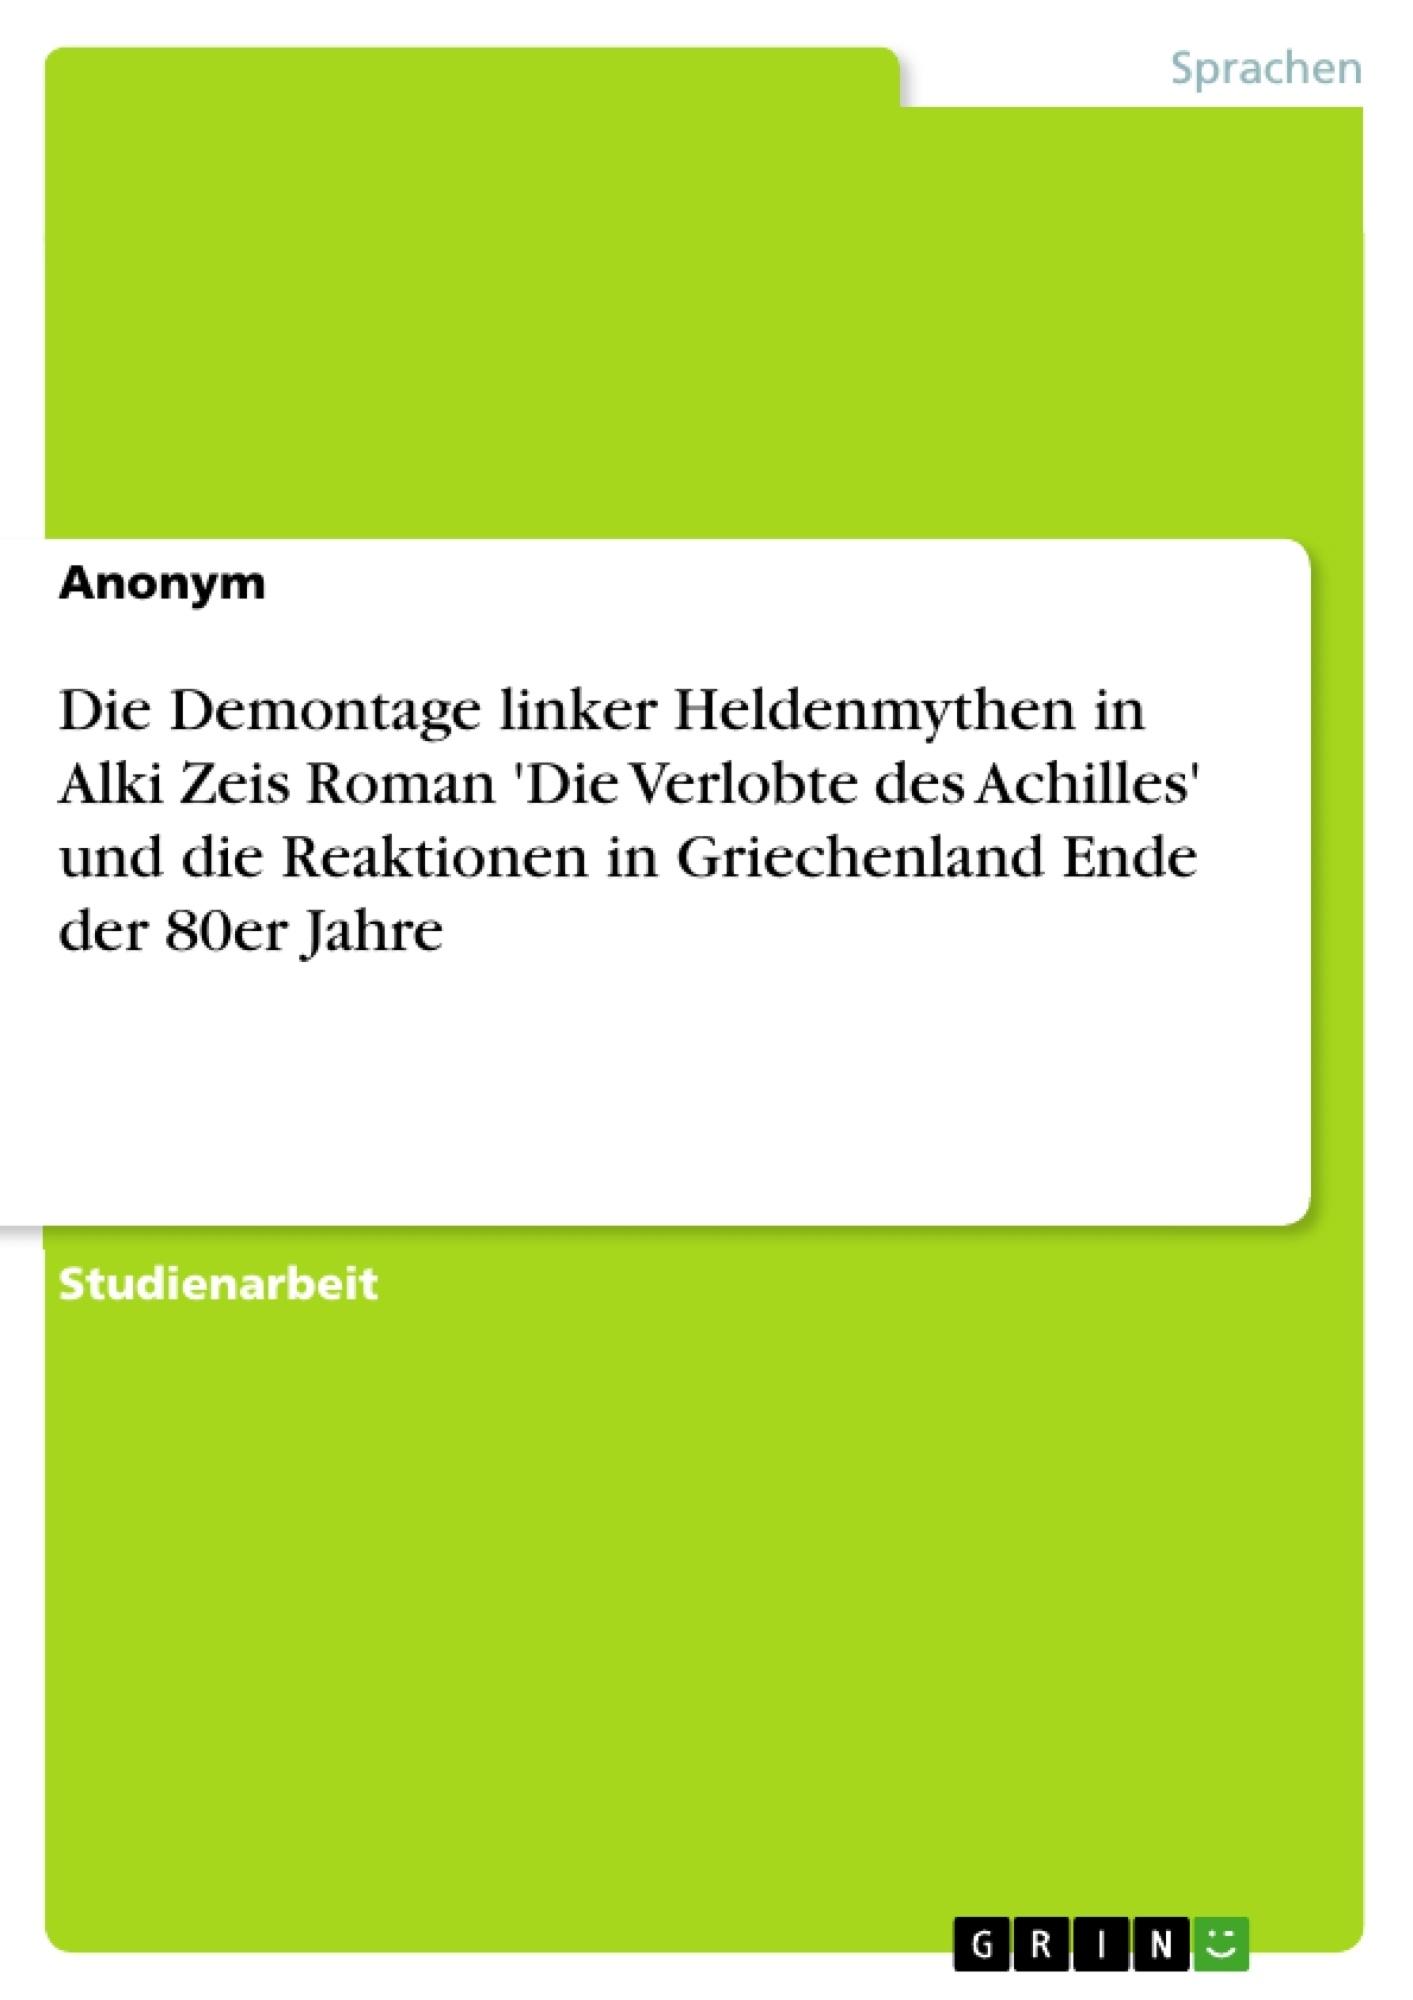 Titel: Die Demontage linker Heldenmythen in Alki Zeis Roman 'Die Verlobte des Achilles' und die Reaktionen in Griechenland Ende der 80er Jahre